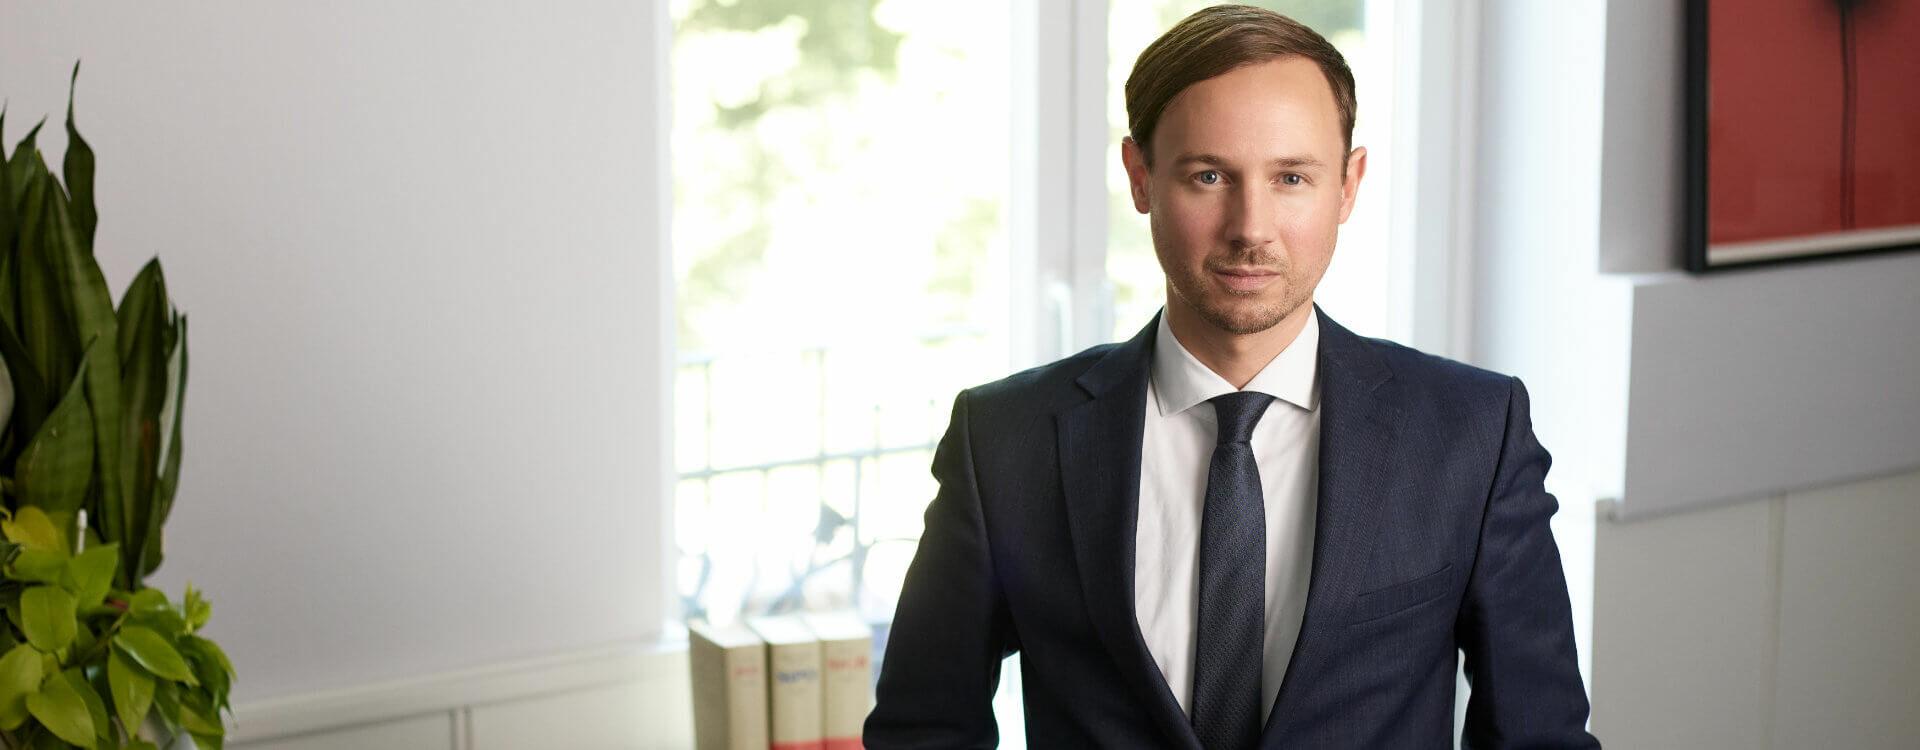 Rechtsanwalt Michael Eggers, Strafverteidiger Hamburg bei LAUDON SCHNEIDER Strafverteidigung